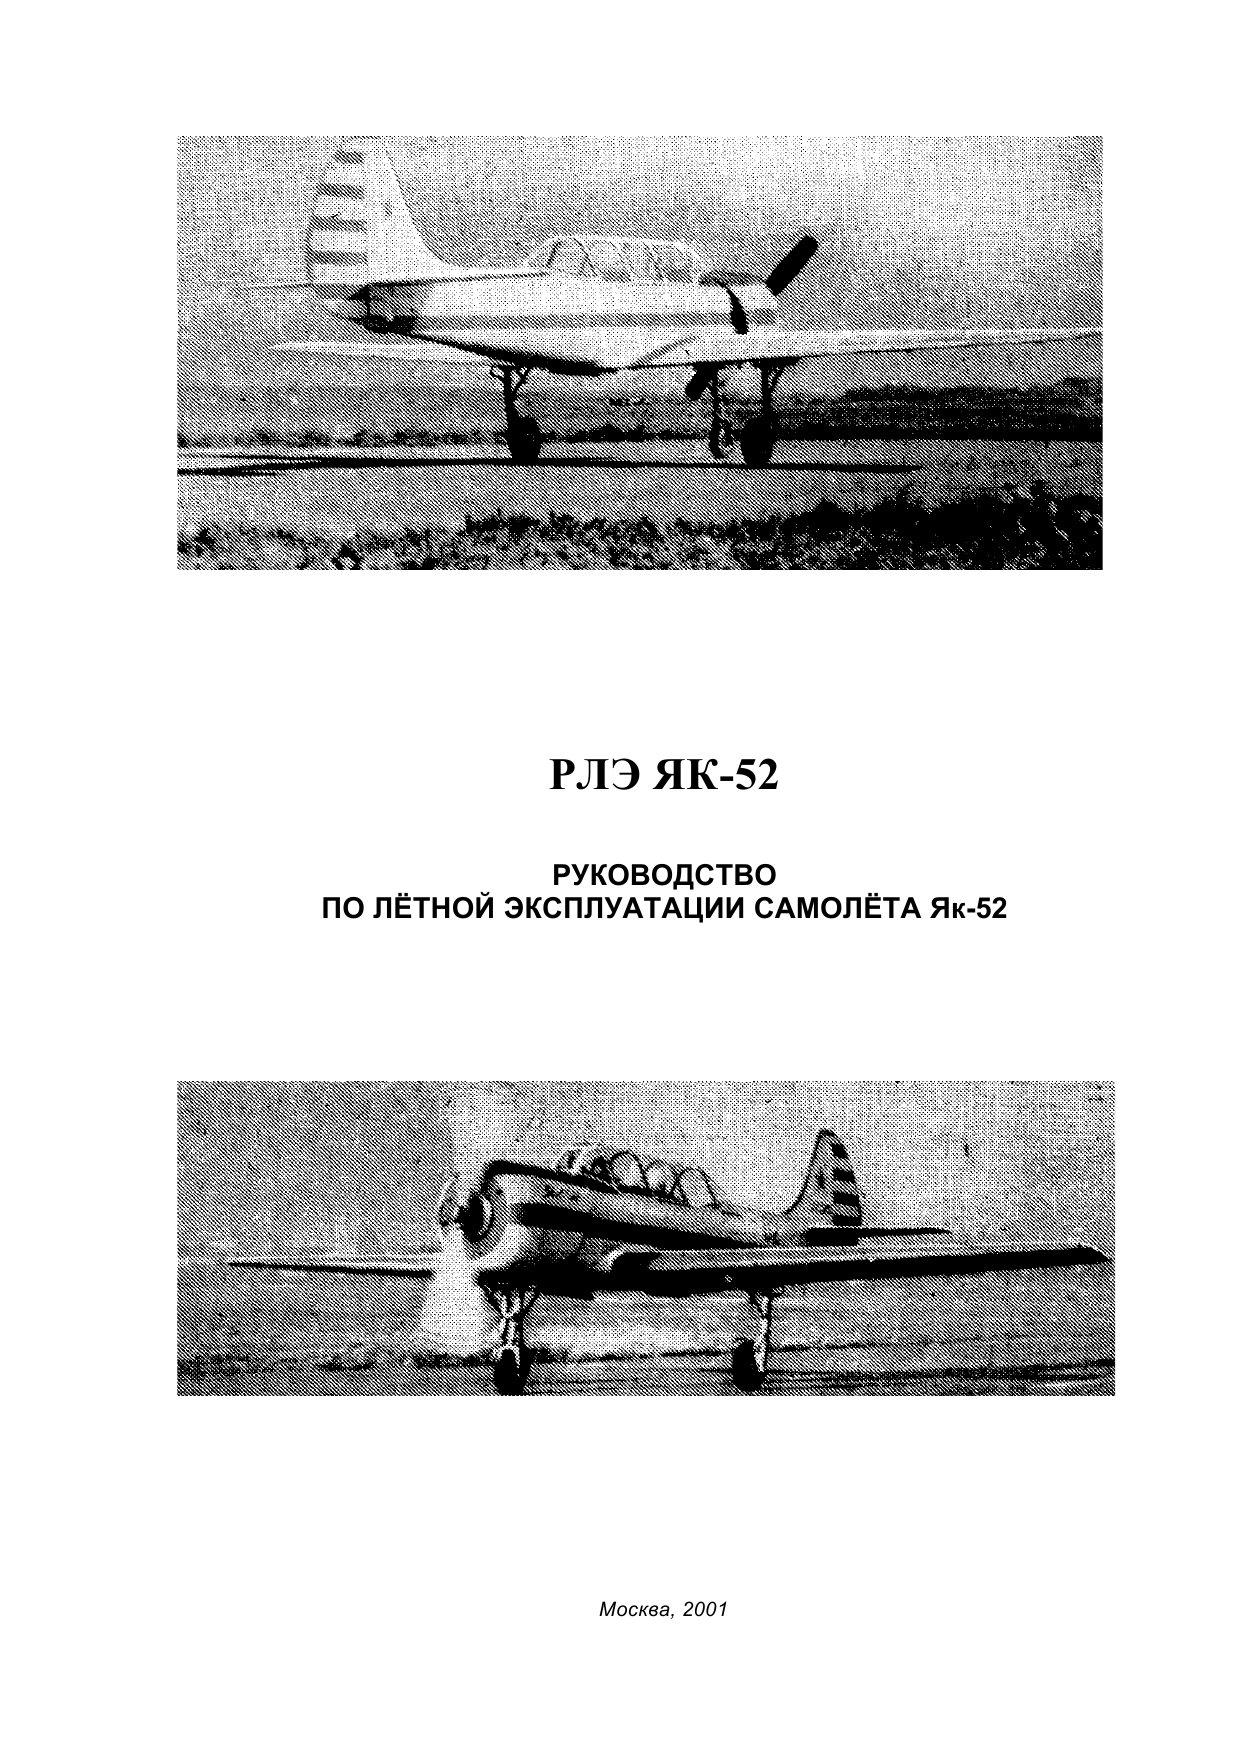 Руководство по летной эксплуатации самолета Як-52